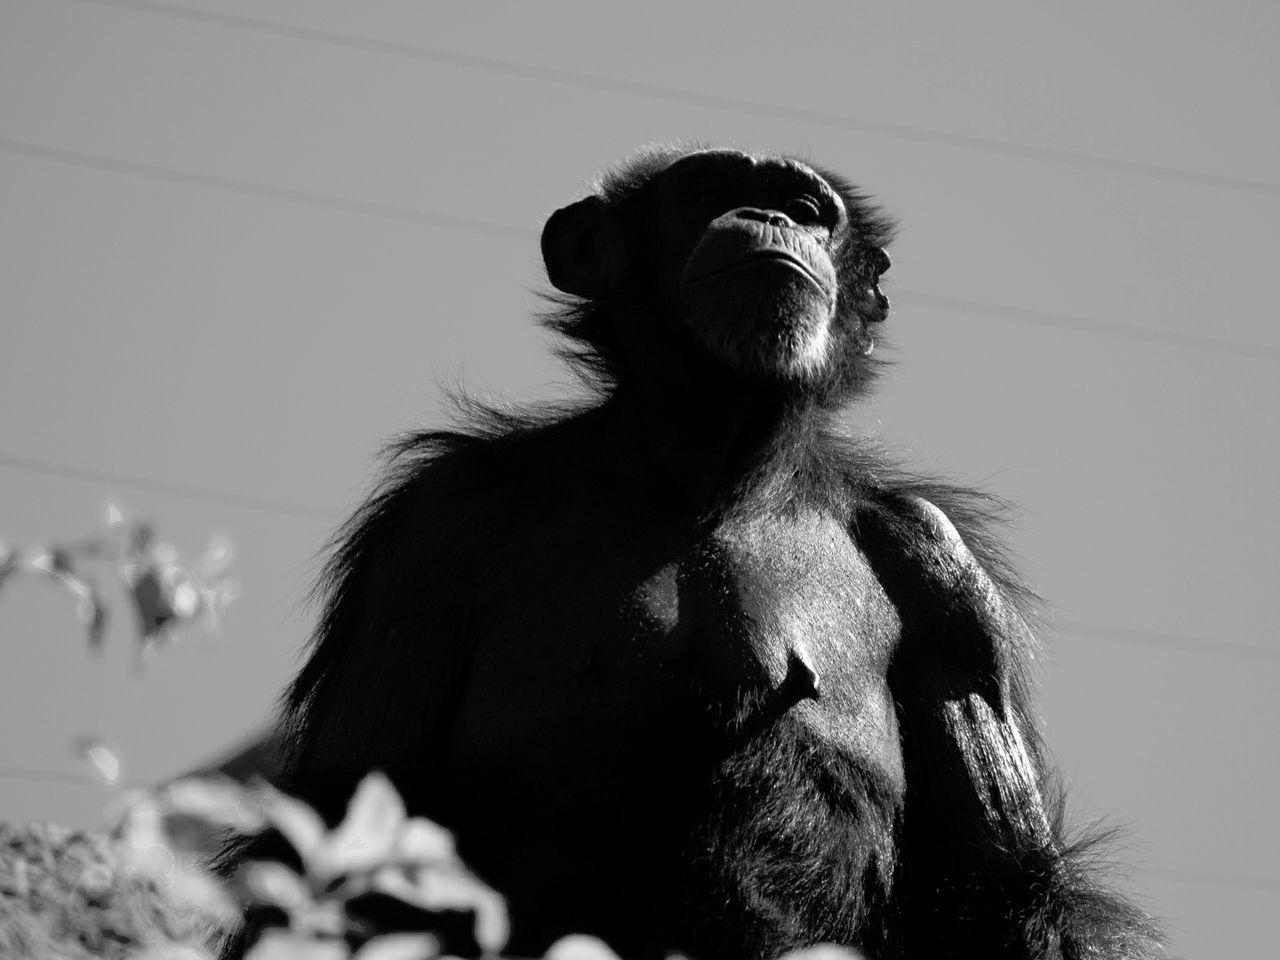 Shimpanzee Monkey Monkey Animal Photography Animal Shimpanzee Loro Parque Tenerife Tenerife Island